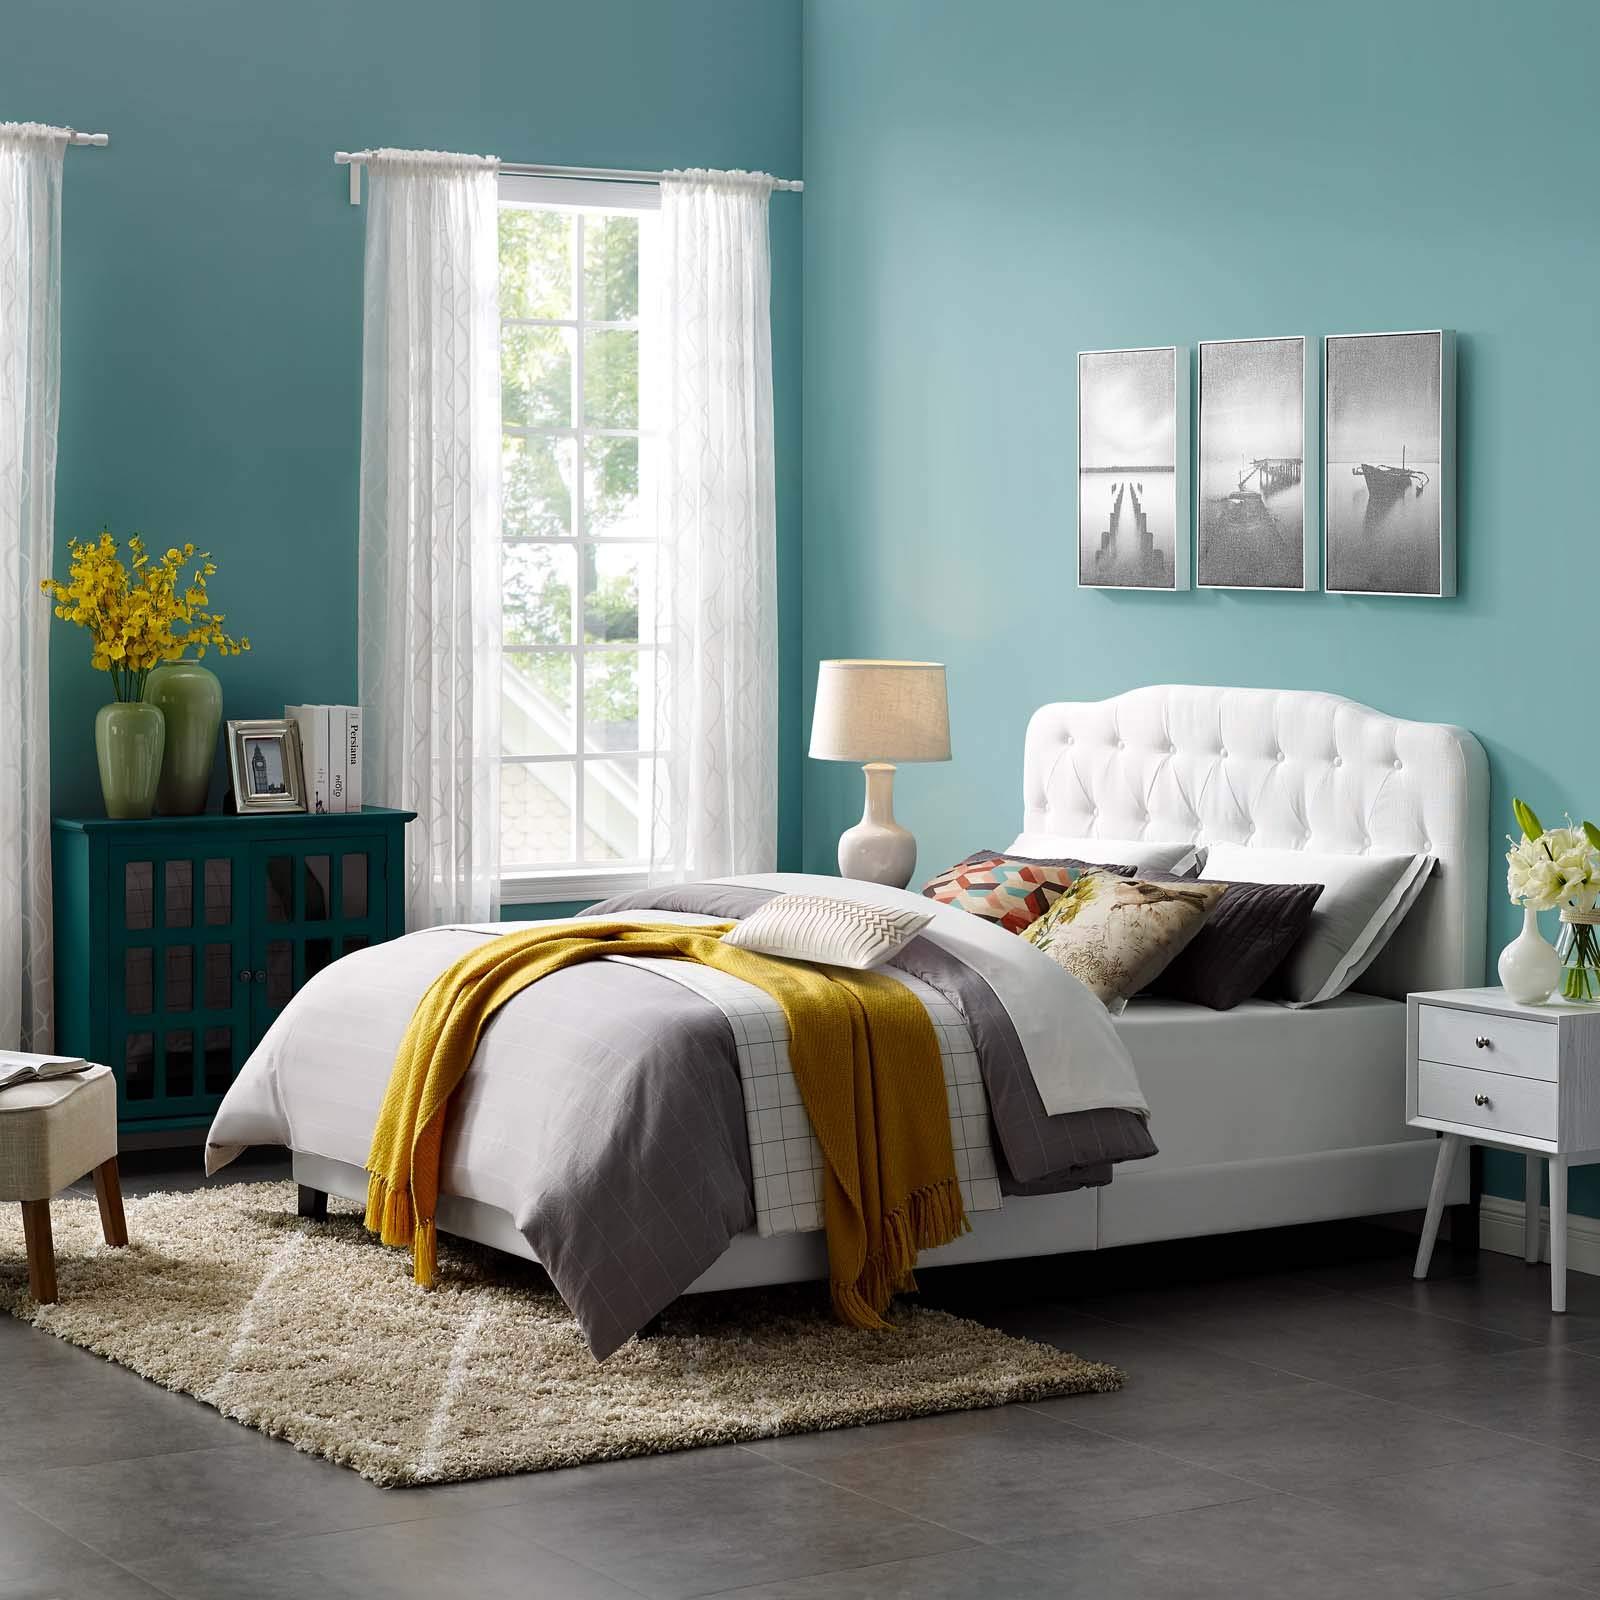 Modway MOD-5839-WHI Amelia Full Upholstered Fabric Bed, White